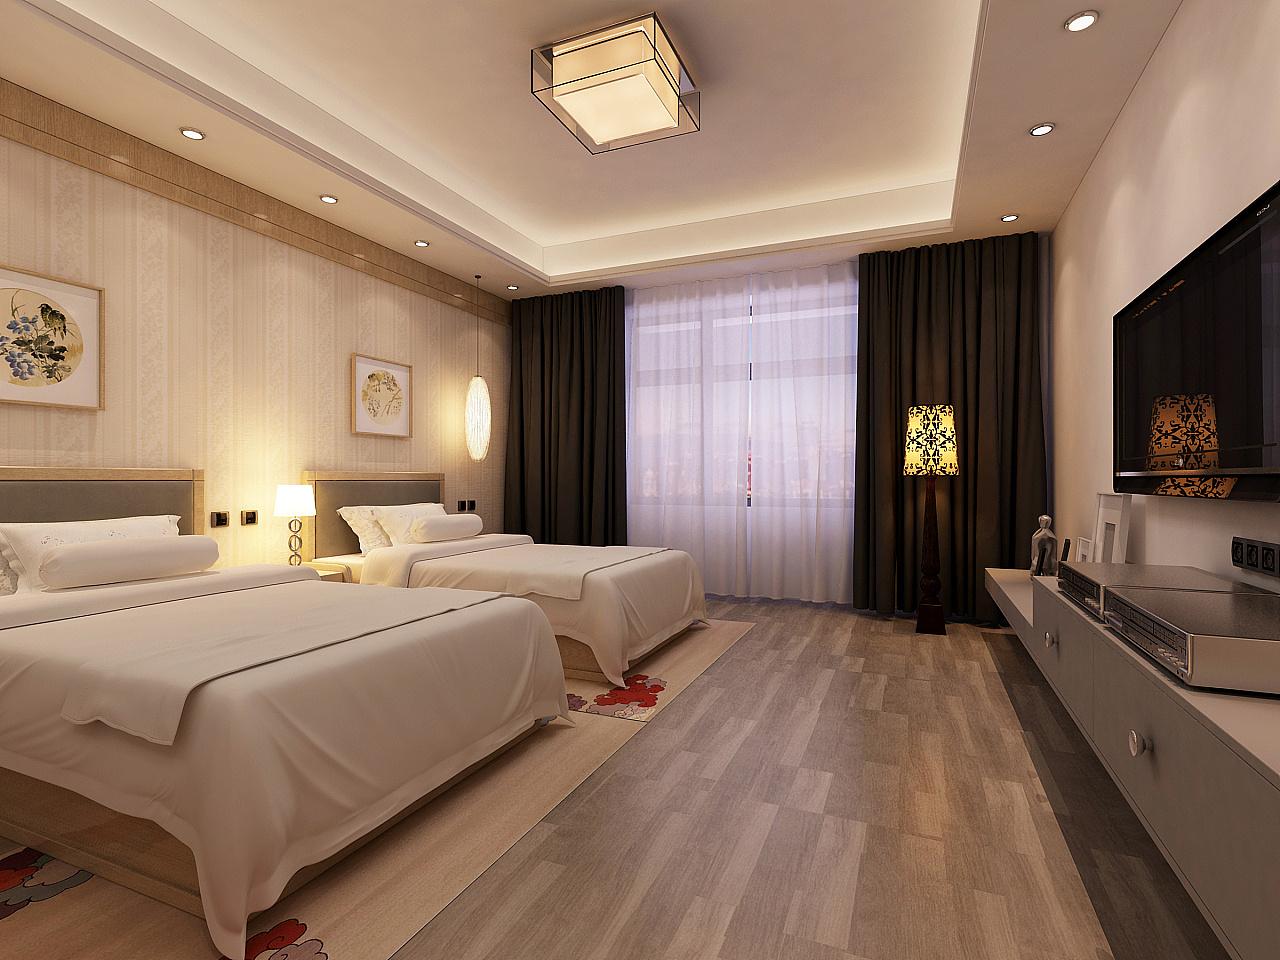 尺寸墙房间家居卧室起居室设计酒店背景装修现代装修1280卧室管理系统ui设计后台图片